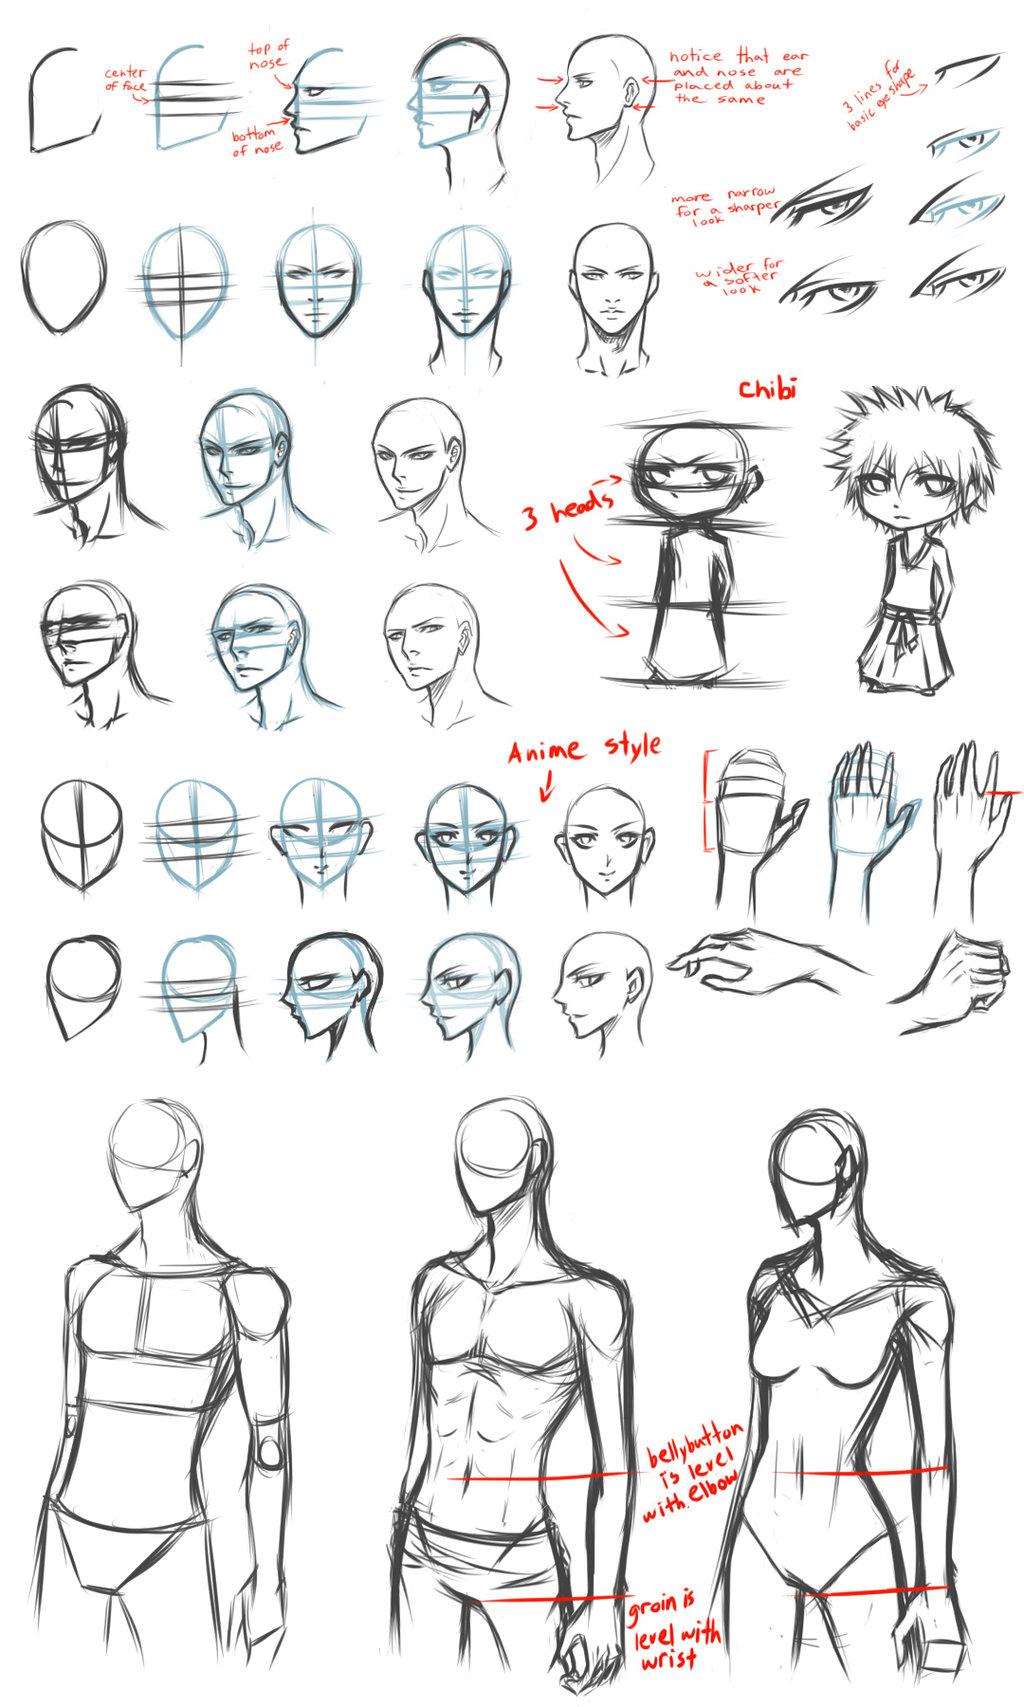 Drawn night basic By DestatiDreamXIII drawing Basic by